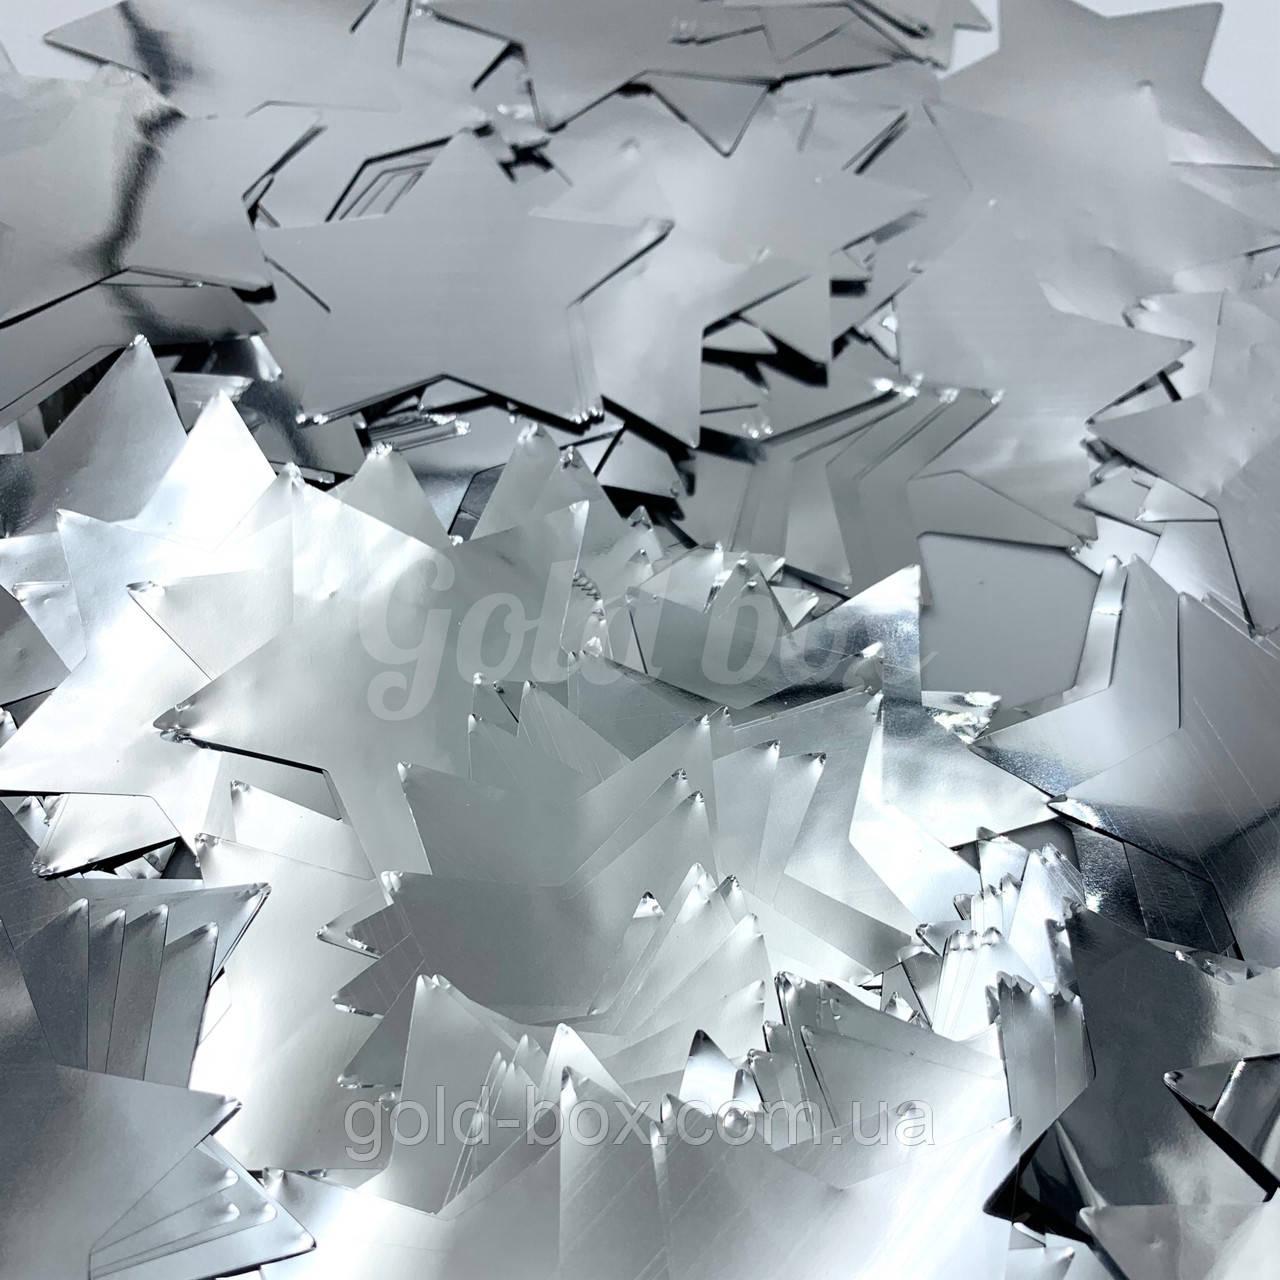 Фольгированные конфетти звёздочки серебряные 45мм 50грамм